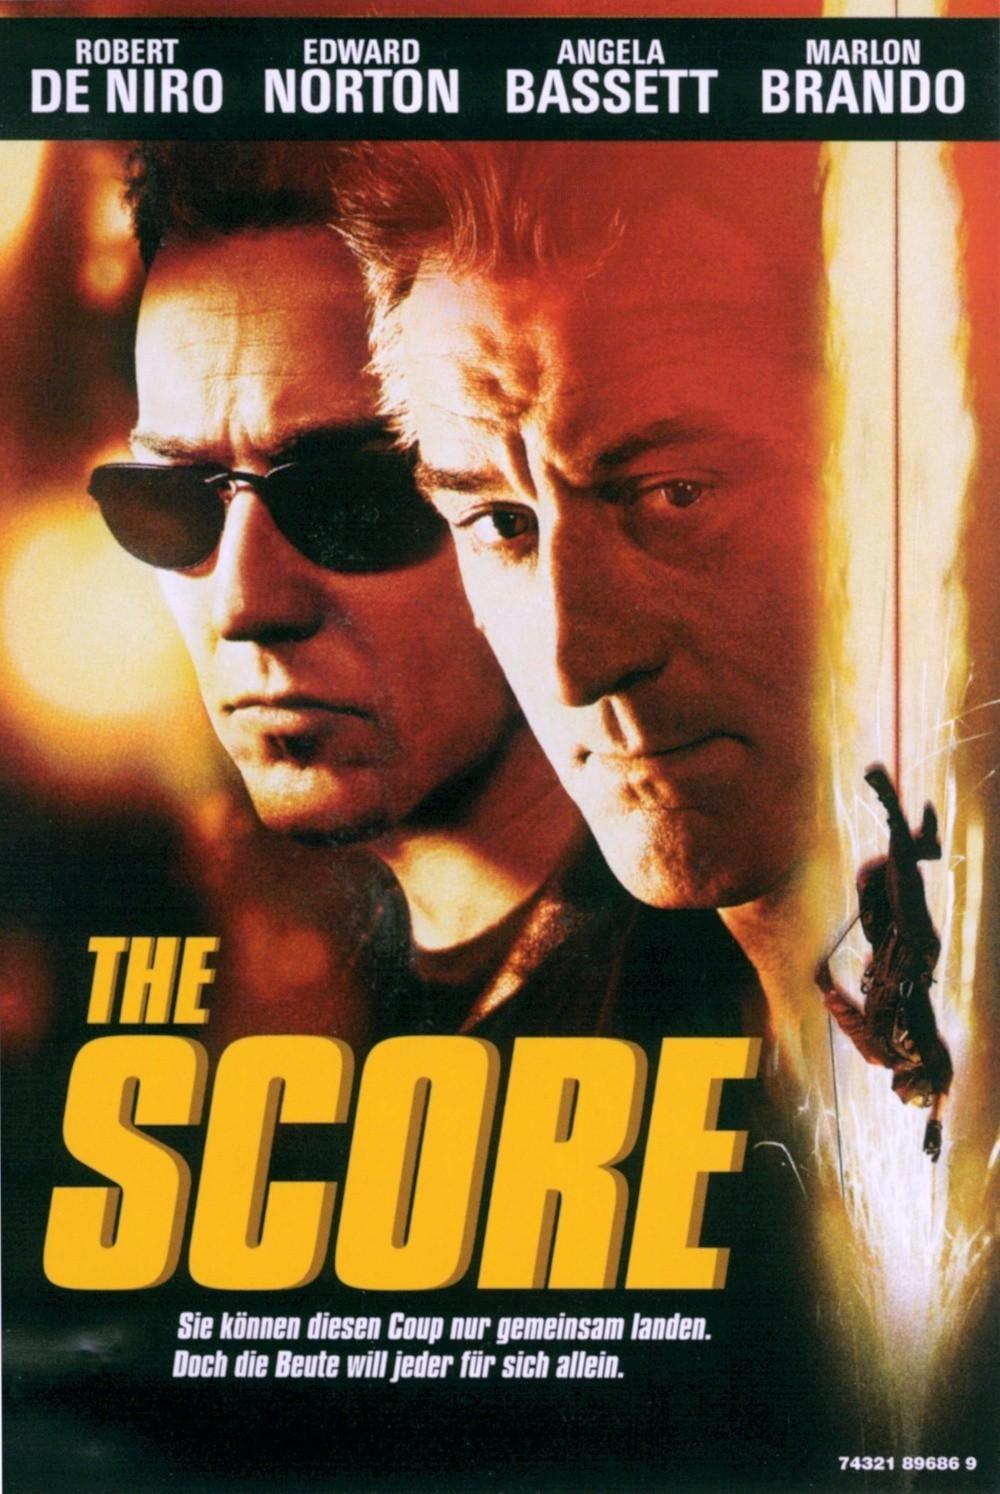 The Score 2001 Películas Completas Peliculas Cine